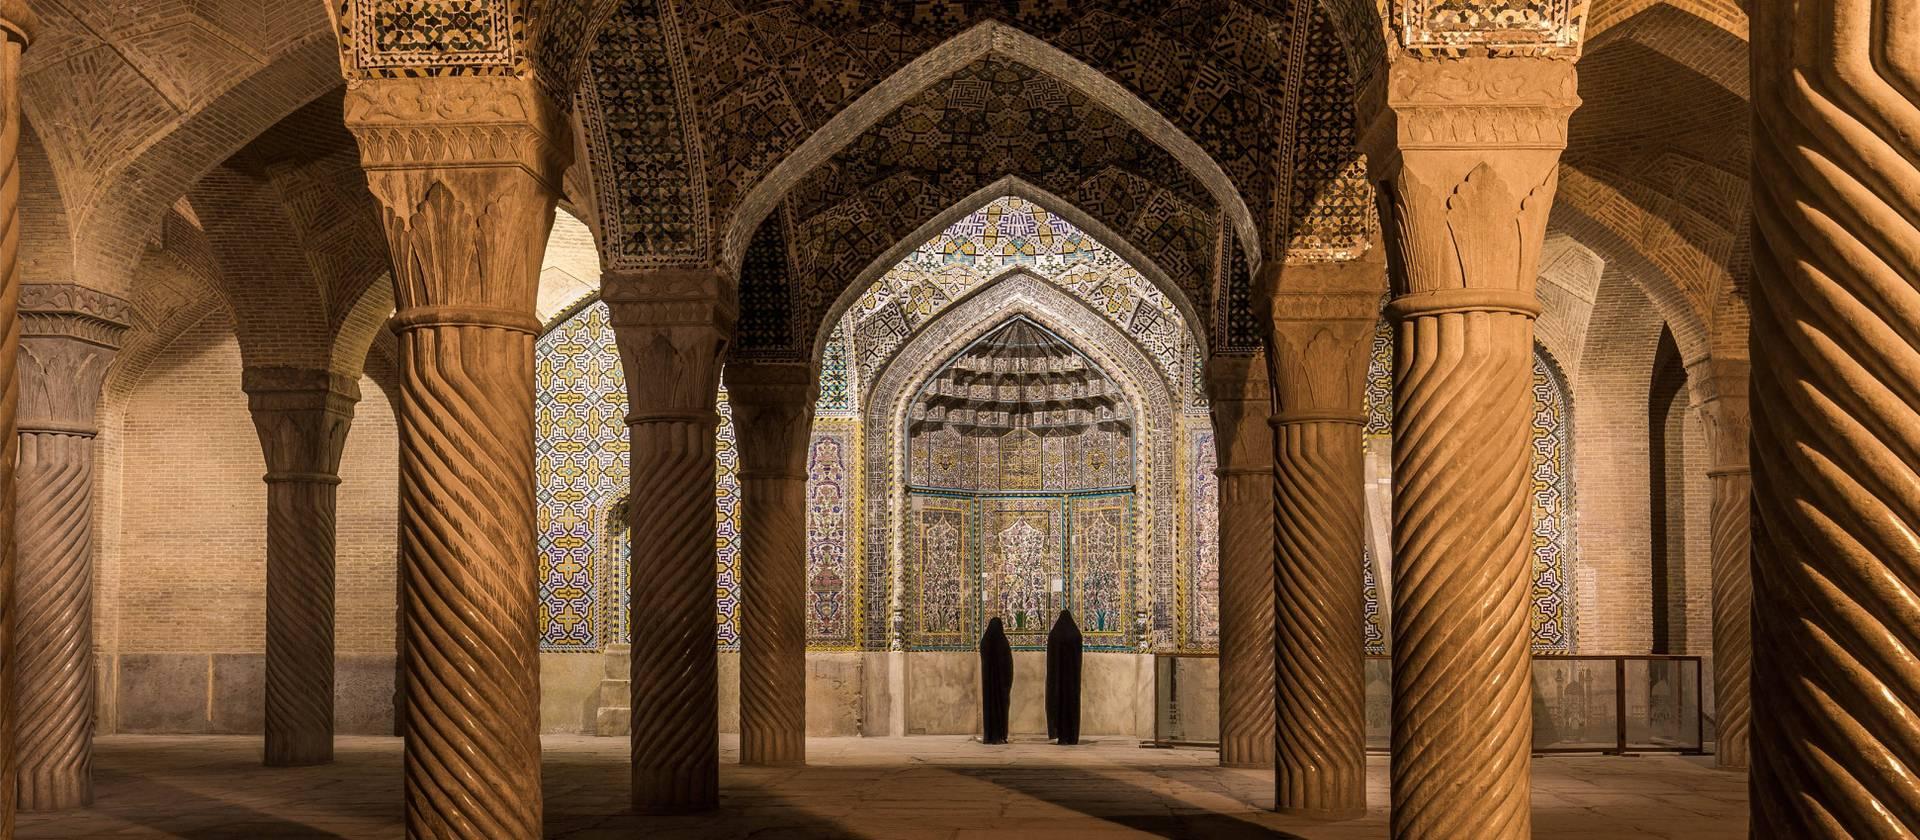 50 самых важных фактов про Иран в 2019 году. Гид для путешественников в блоге bazariran.ru